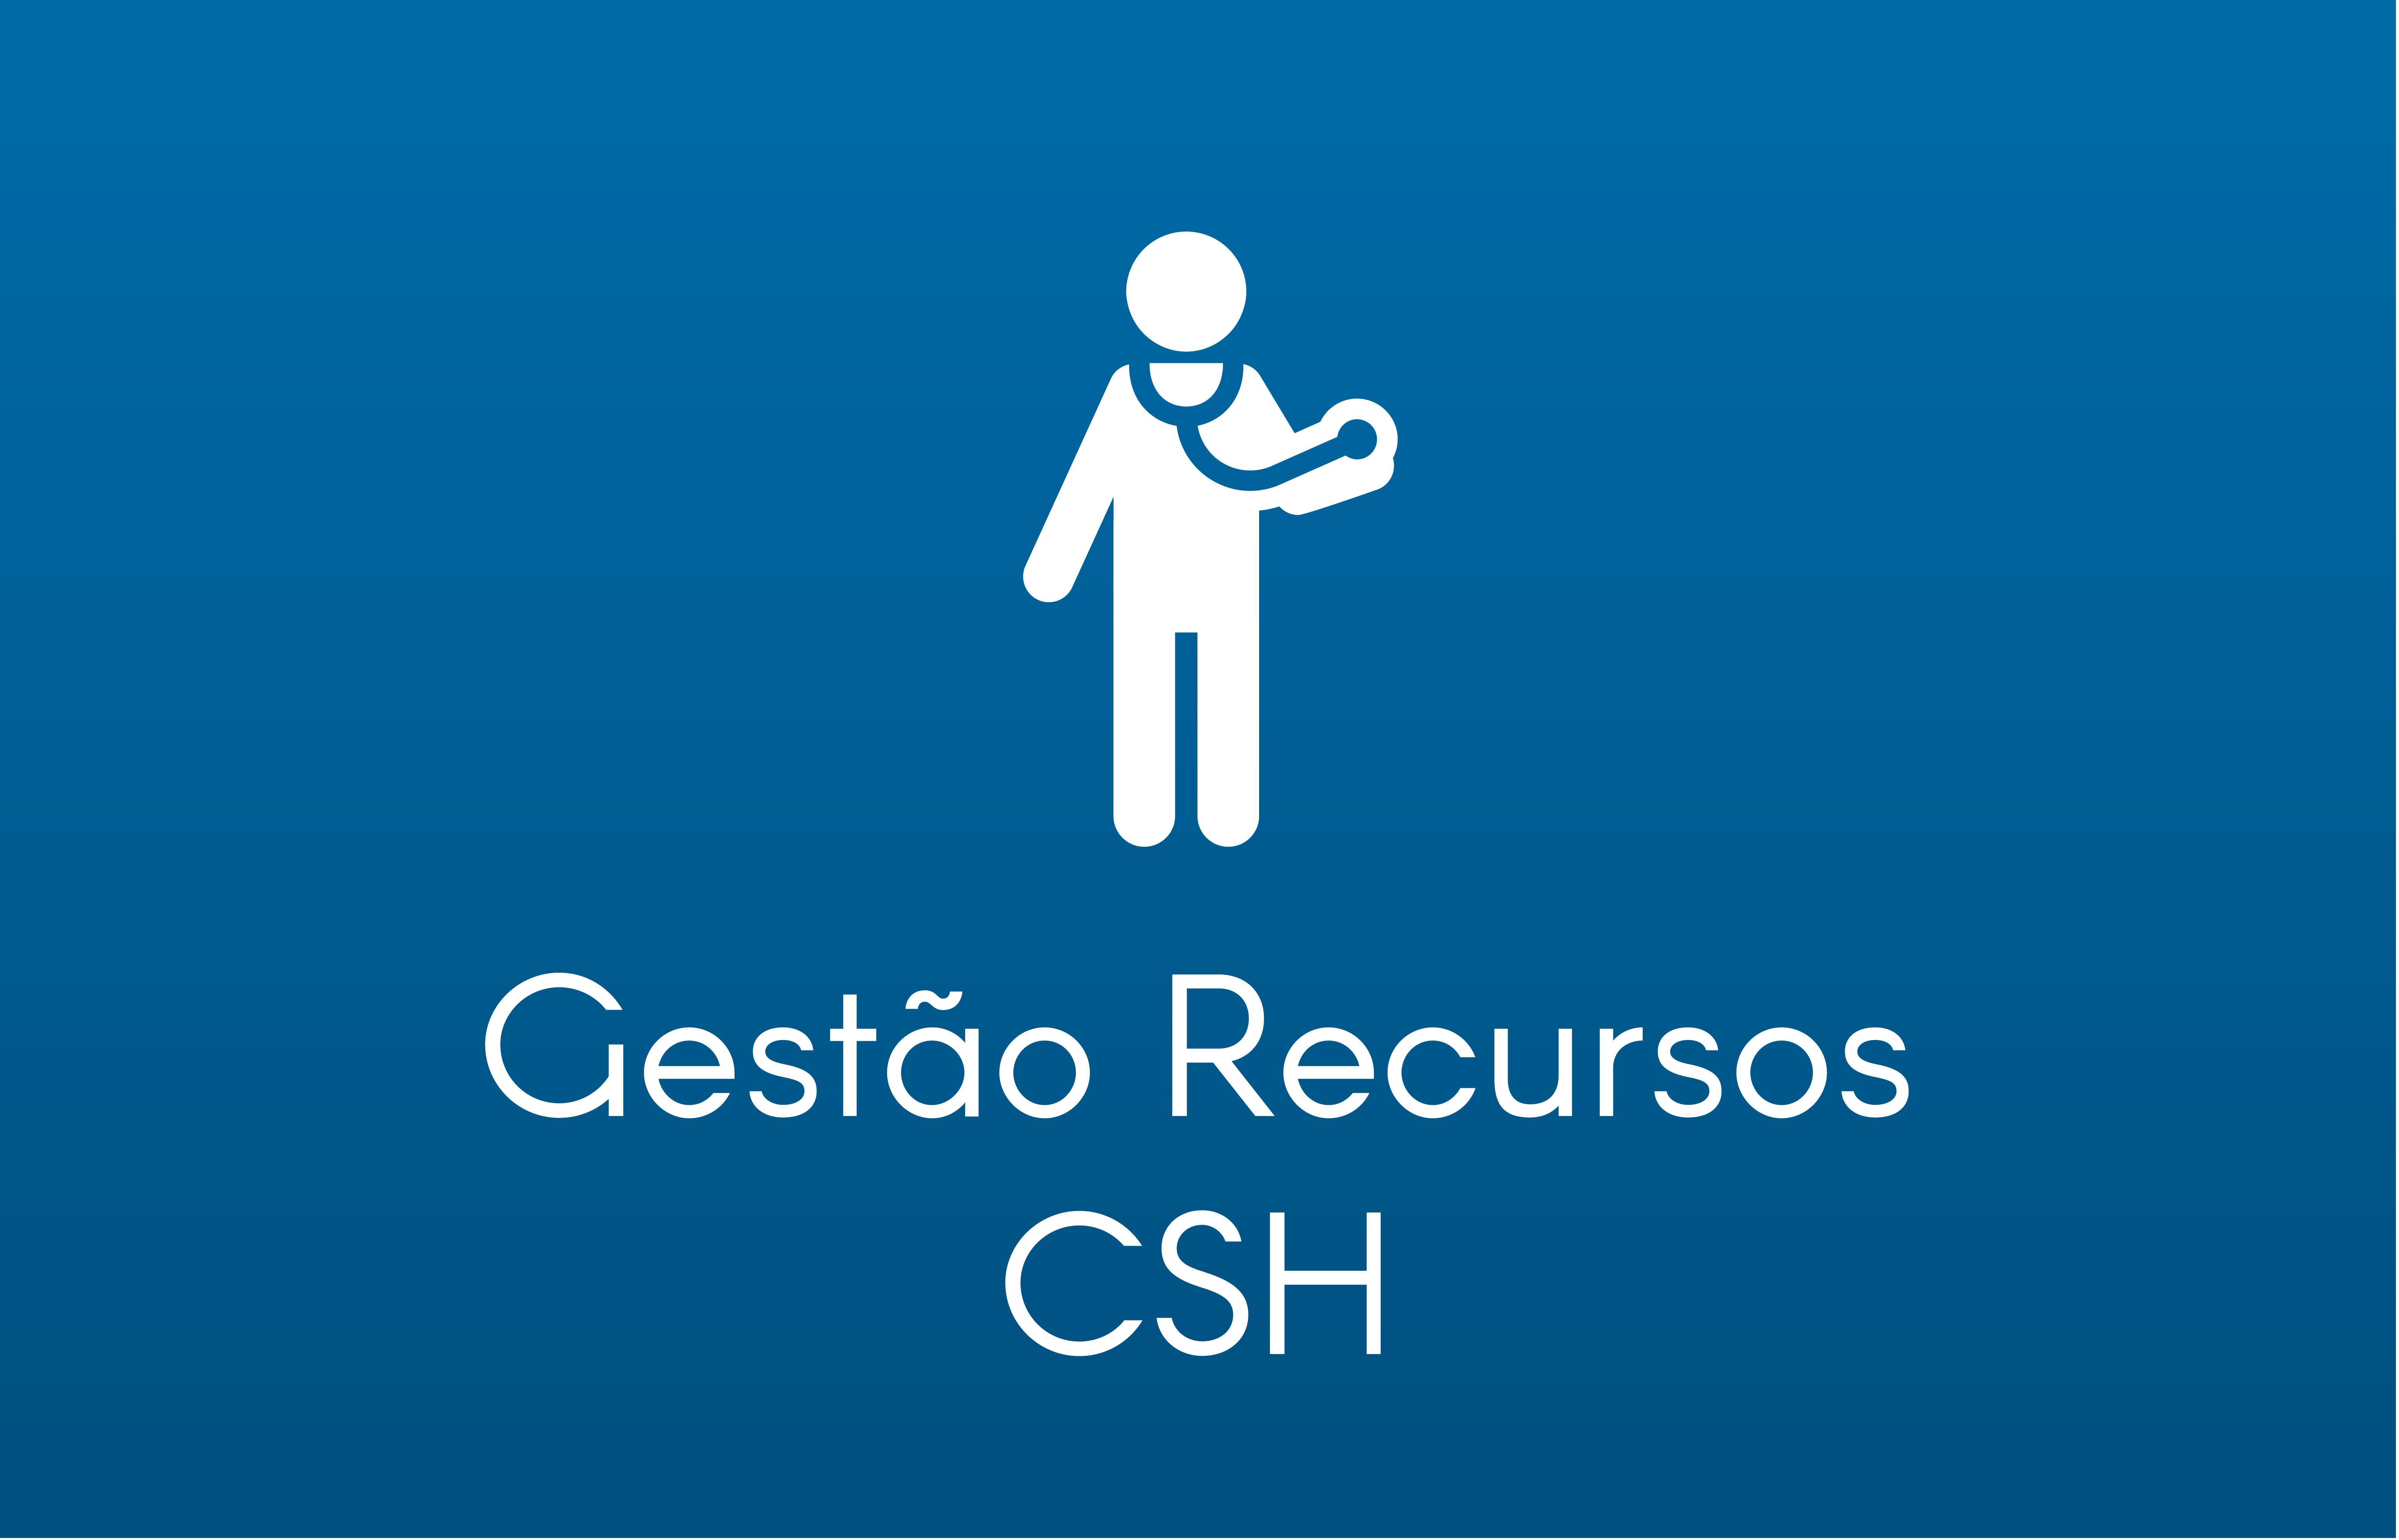 caixa azul gestao recursos csh medico